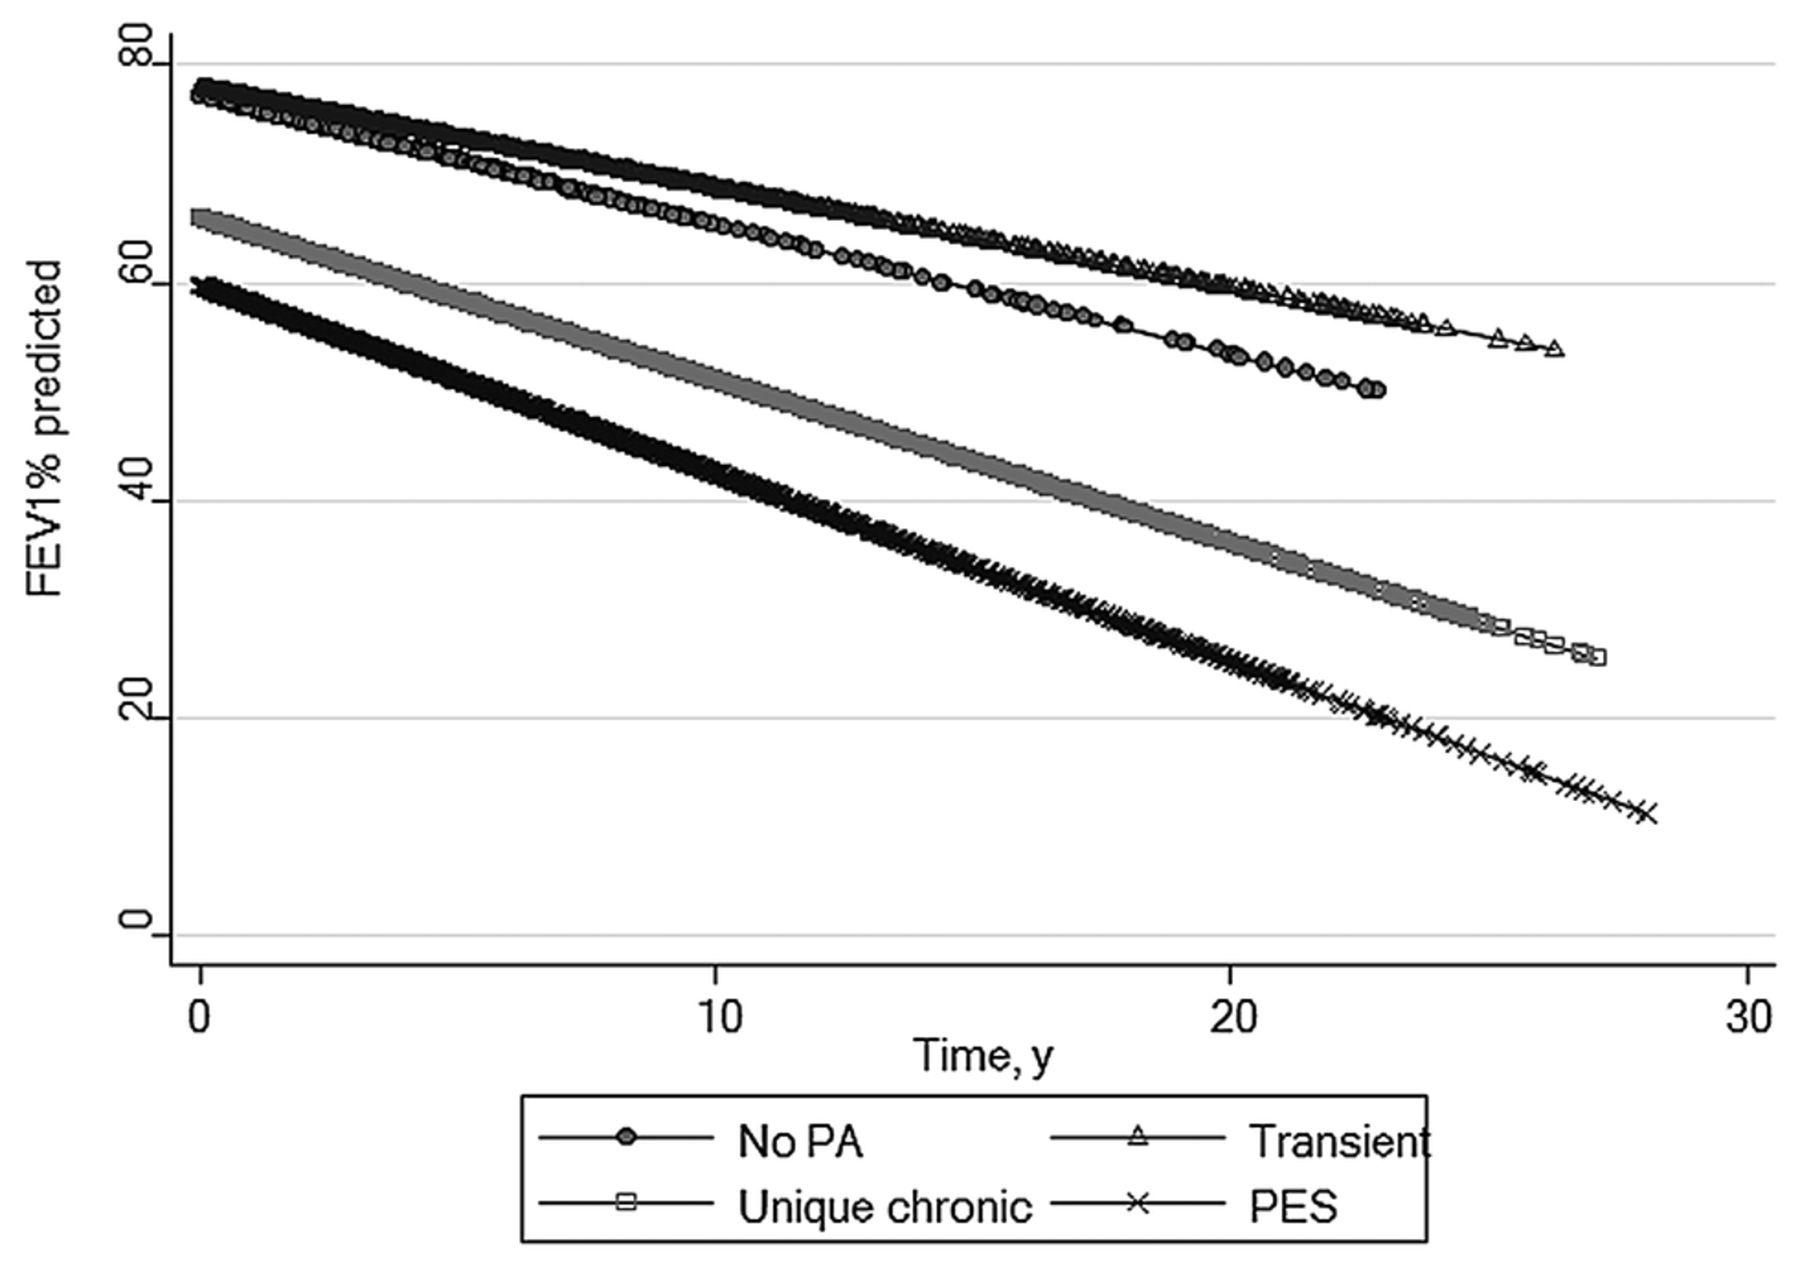 Long-term clinical outcomes of 'Prairie Epidemic Strain